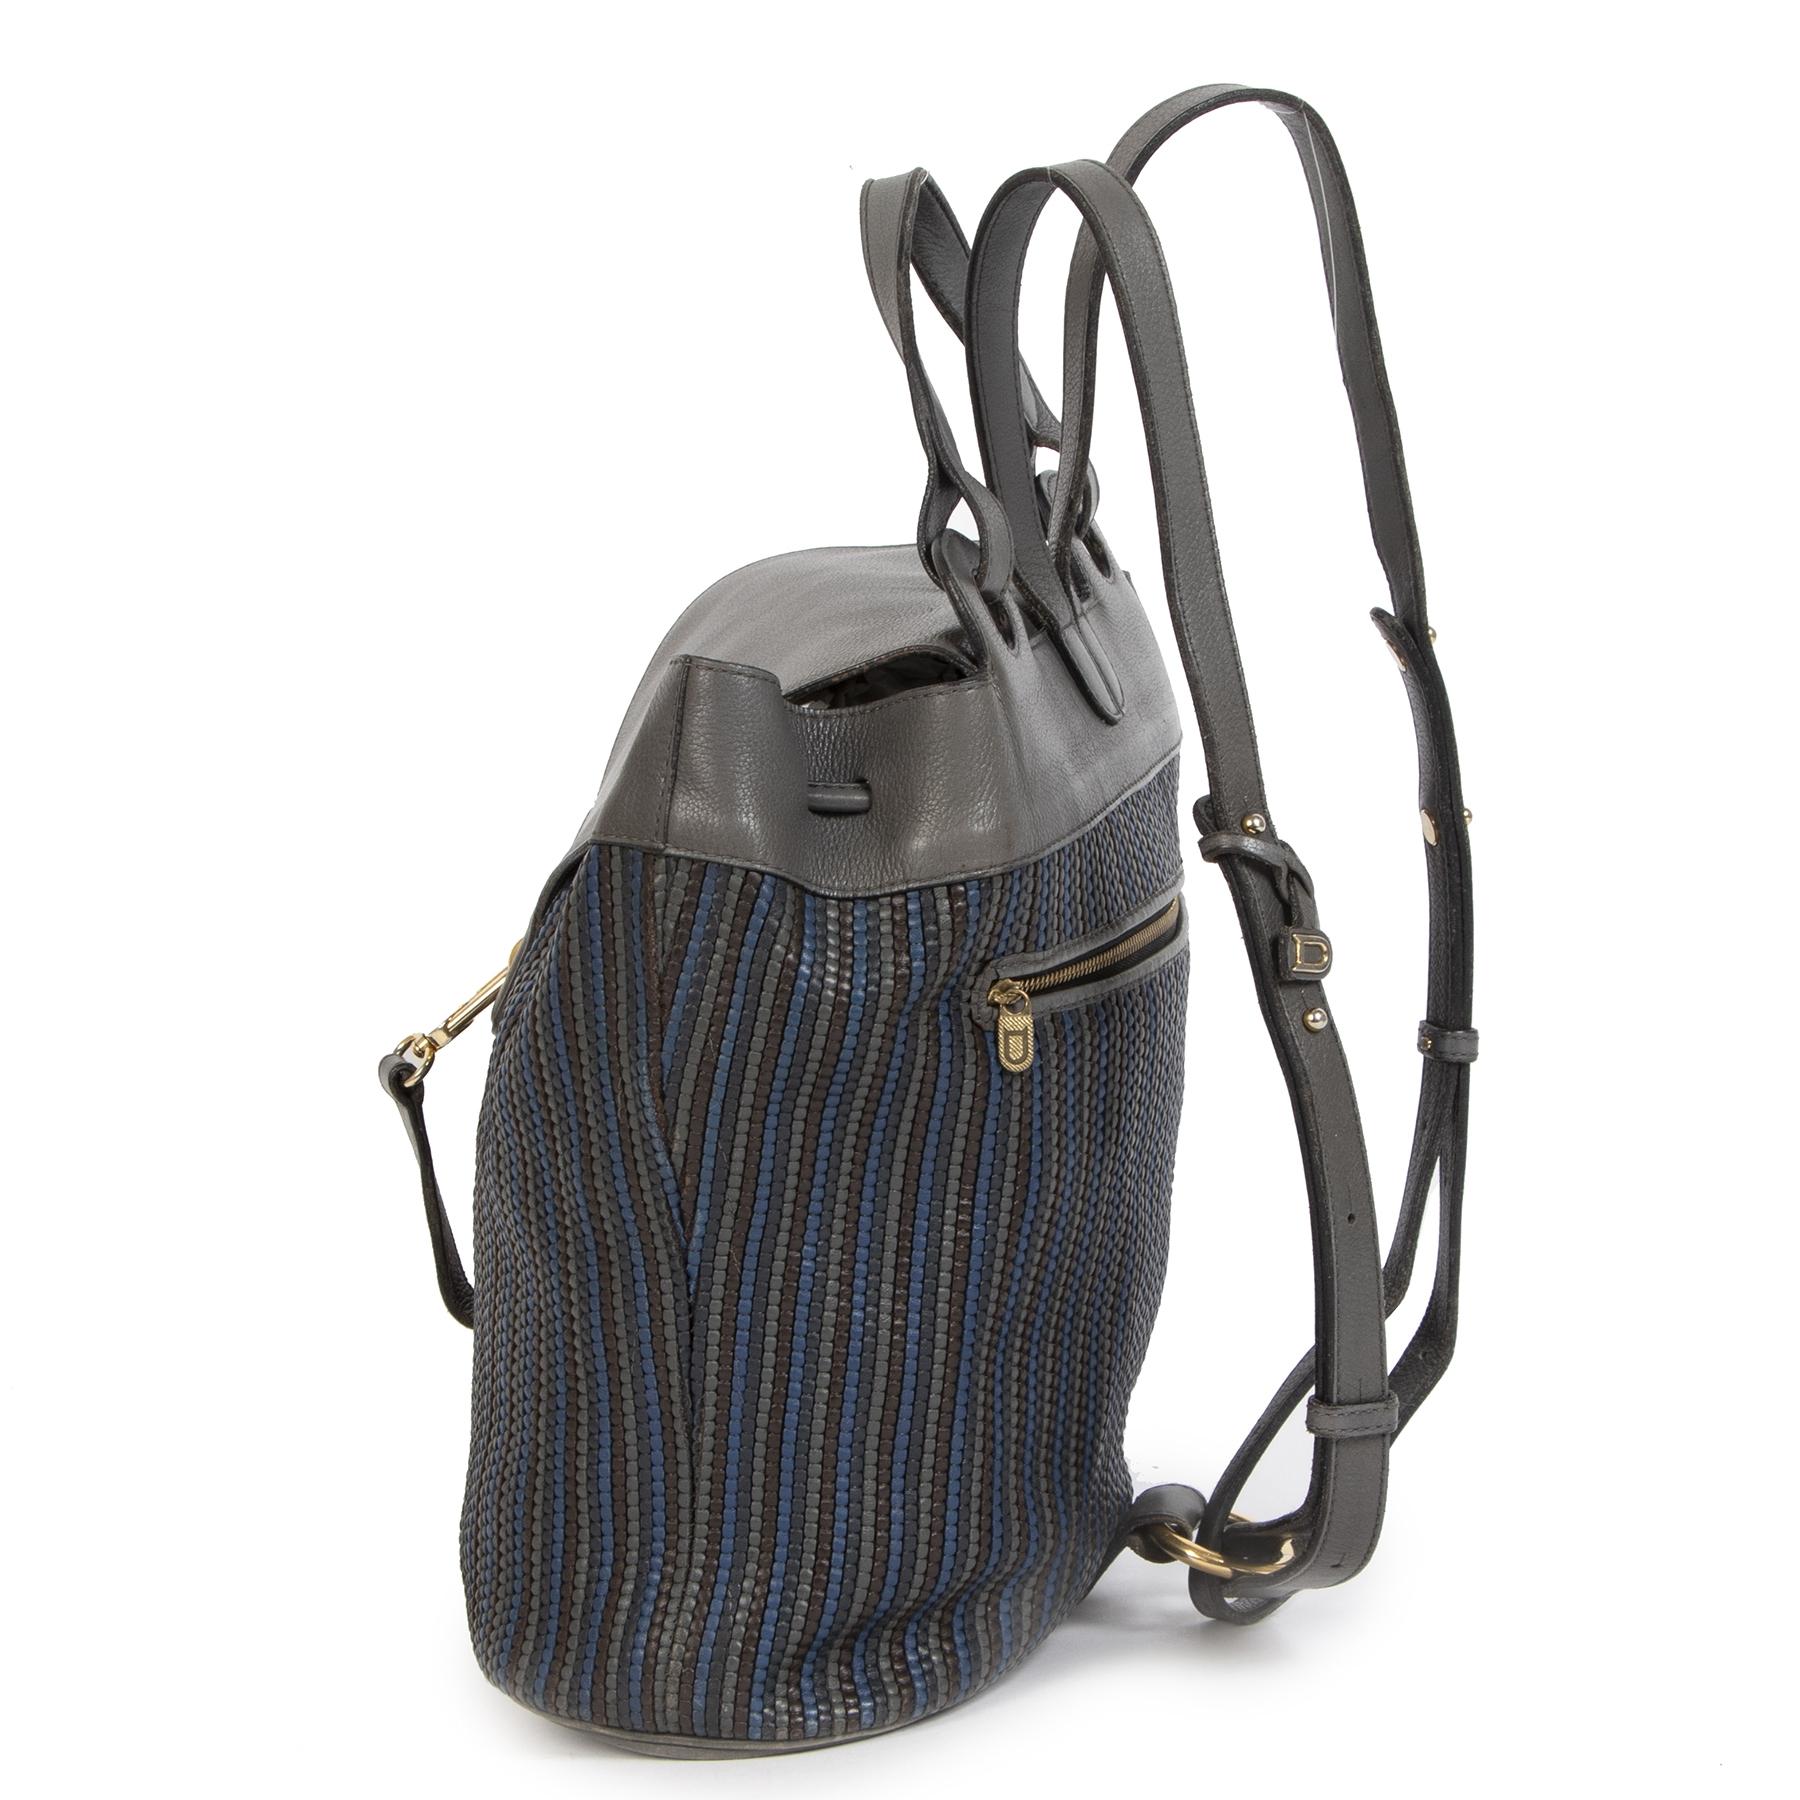 Authentieke Delvaux Toile De Cuir Blue Grey Backpack tweedehands aan de juiste prijs online LabelLOV in alle veiligheid luxe merken winkelen Antwerpen België